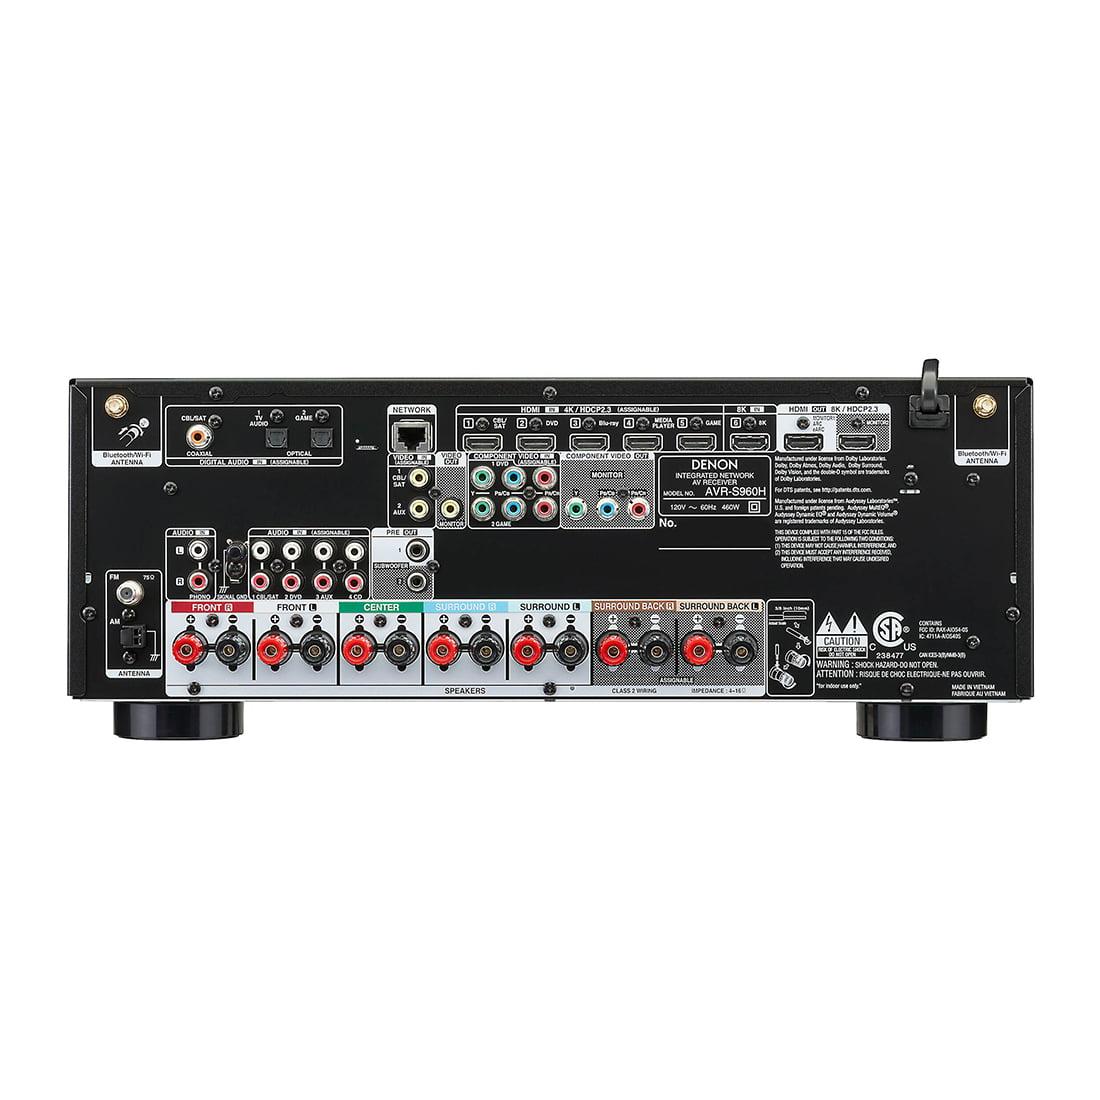 AVR-S960H